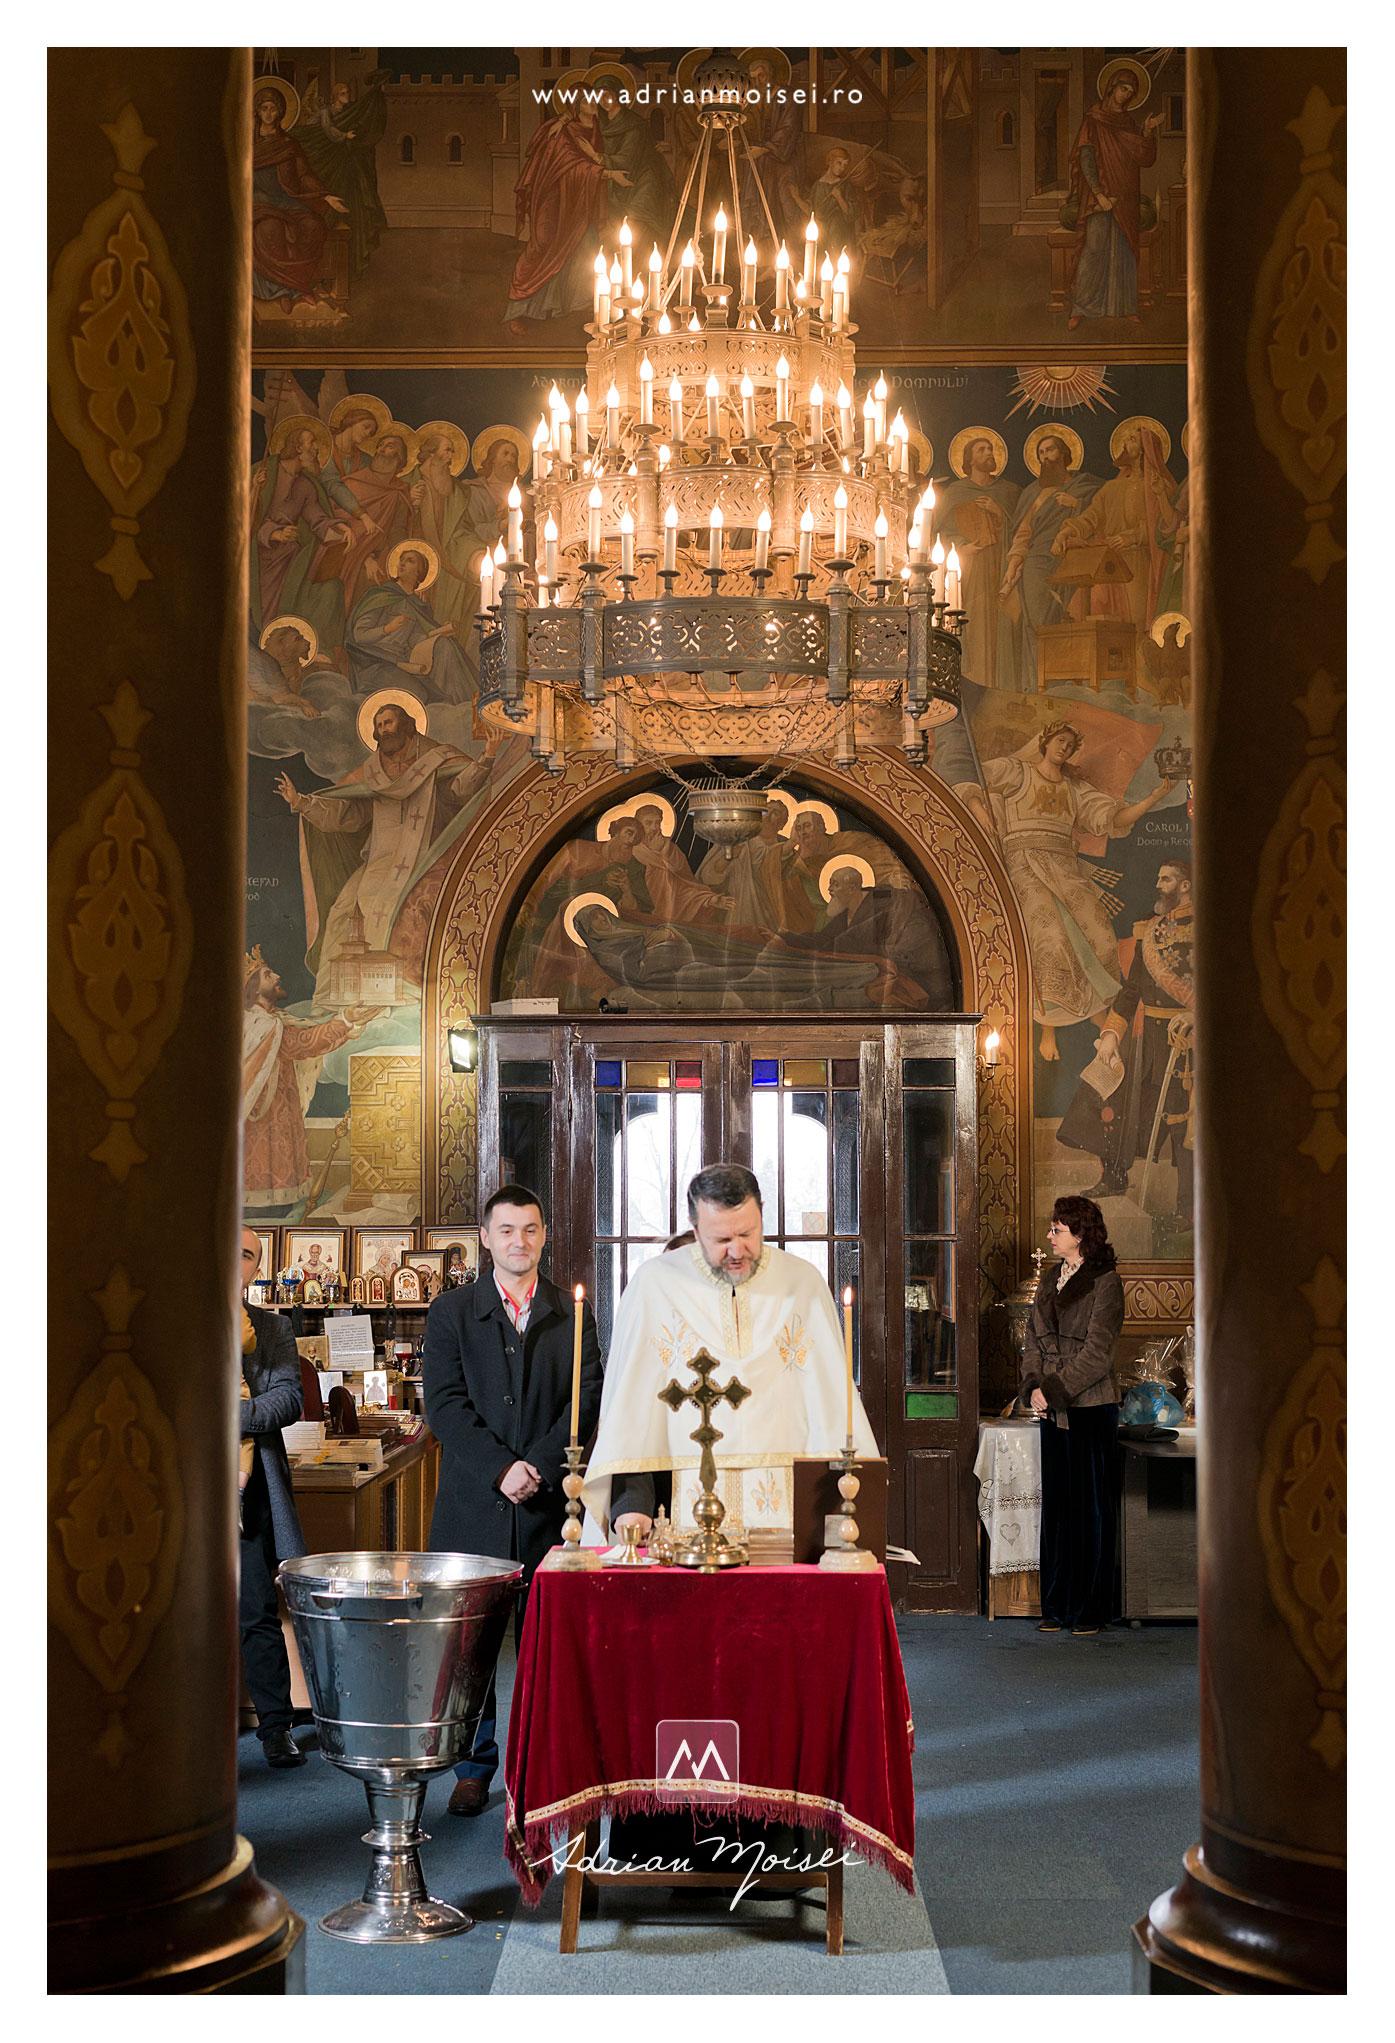 Biserica Sfântul Nicolae Domnesc, fotografie de interior, realizată de Adrian Moisei, fotograf botez Iași